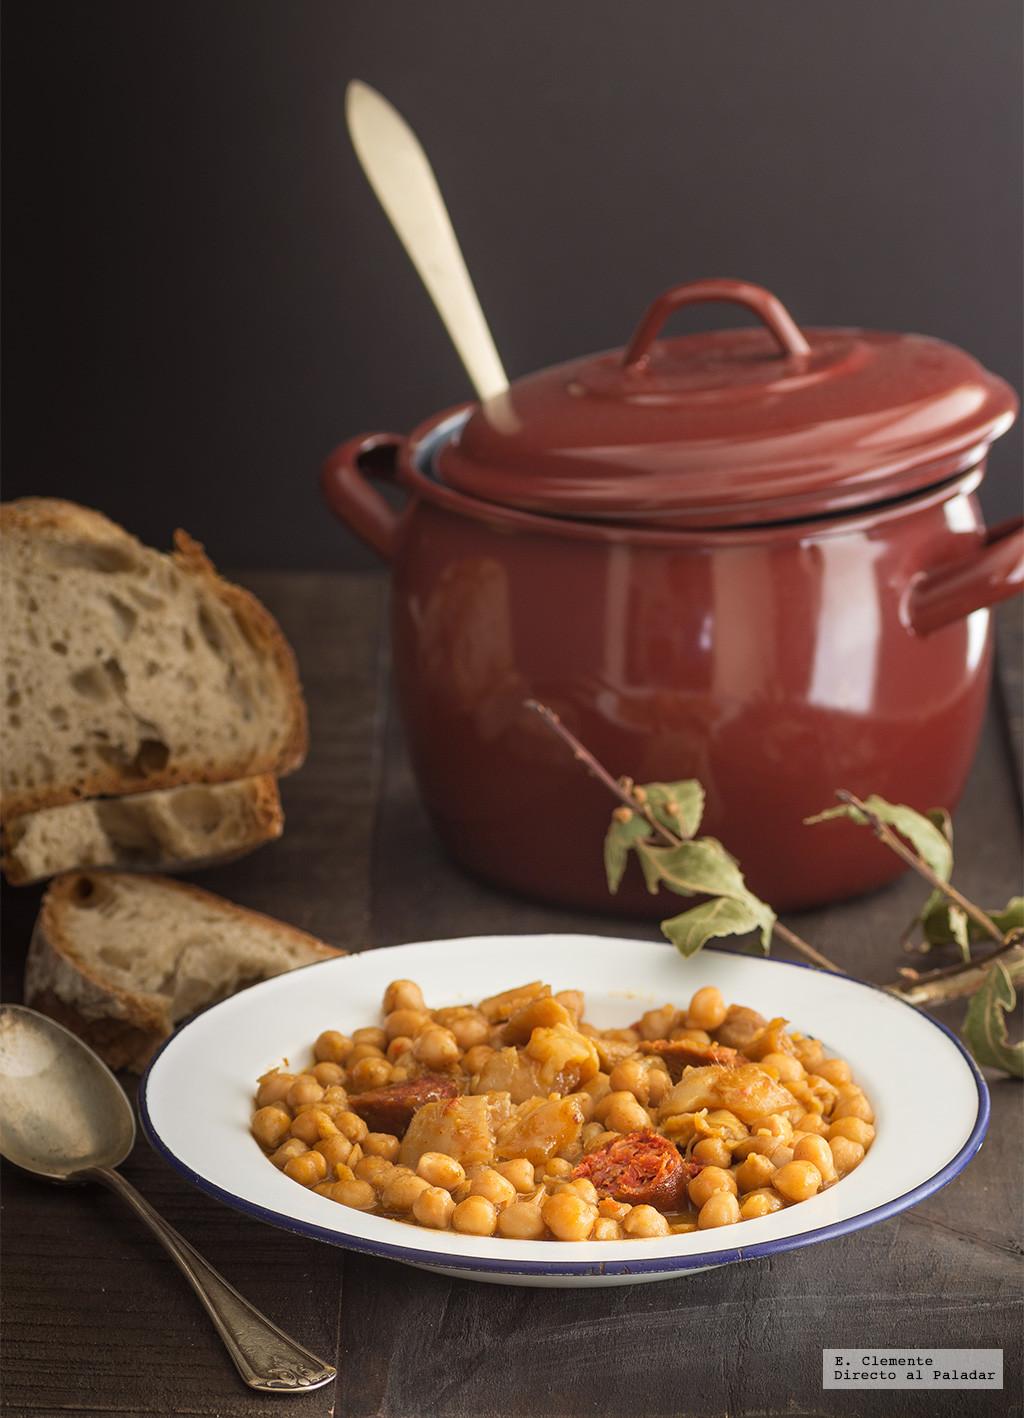 Garbanzos las mejores recetas - Preparacion de garbanzos cocidos ...